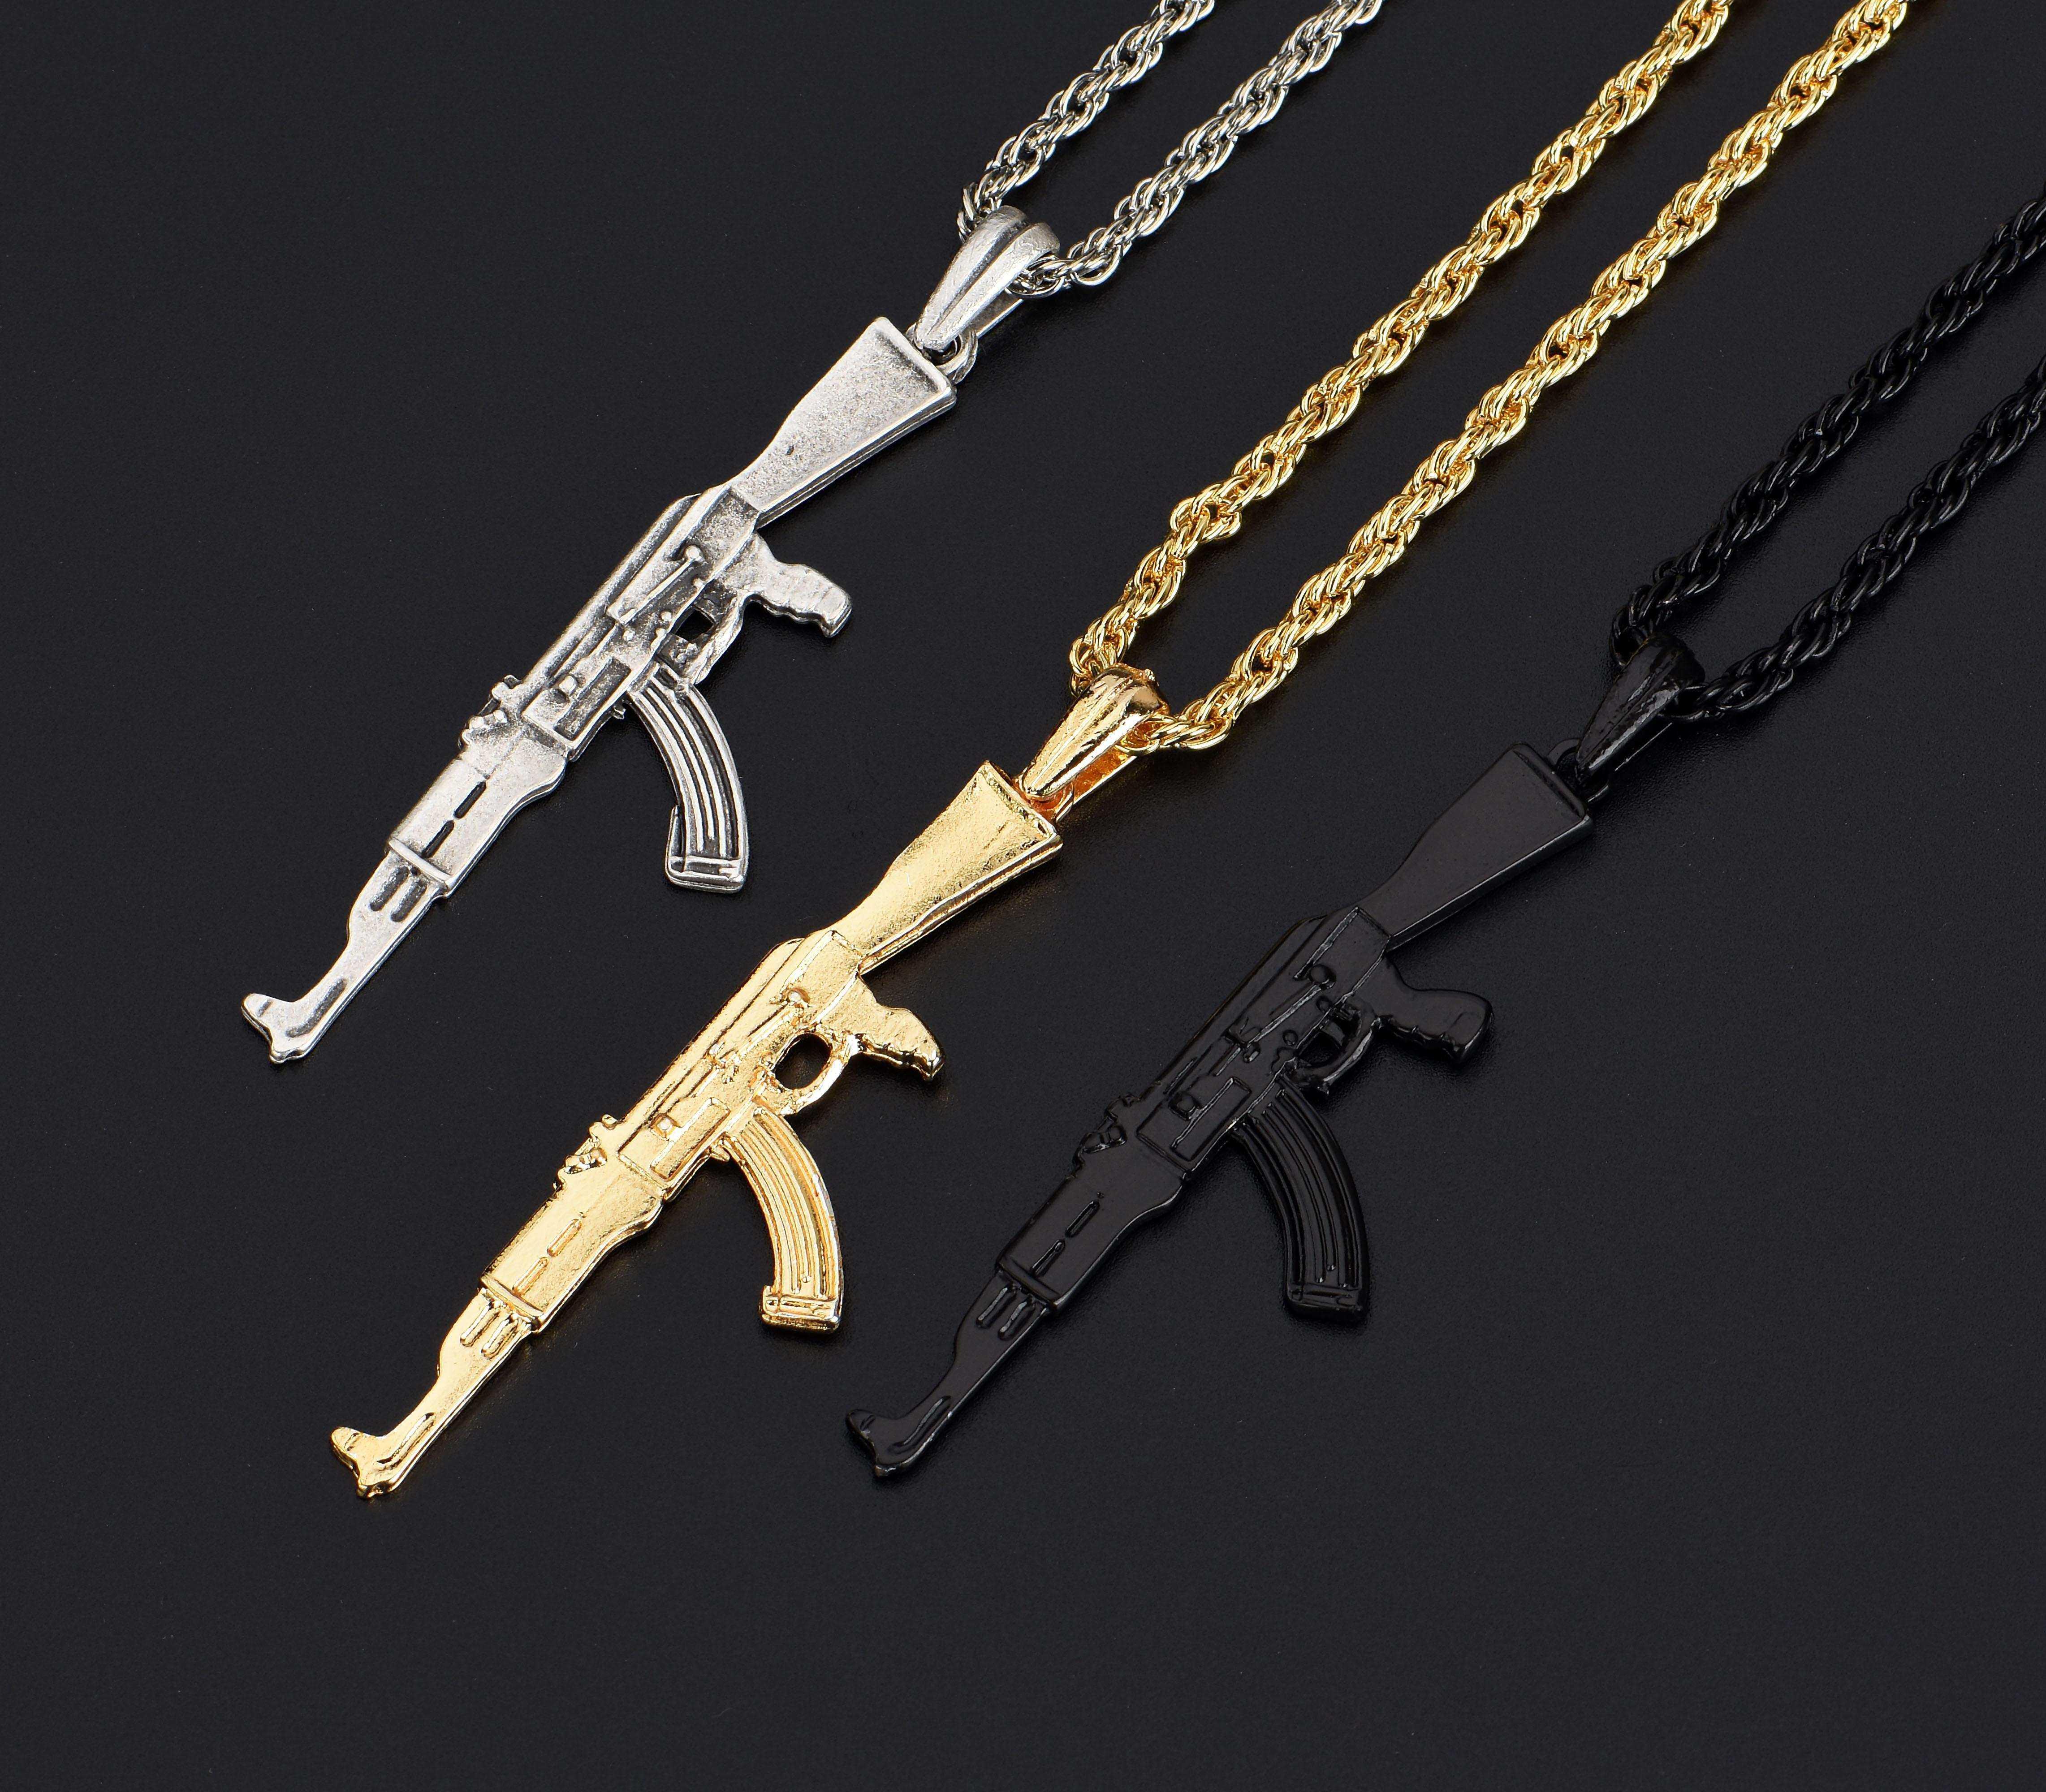 PUBG Keleş AK-47 Kolye - CAZ0051